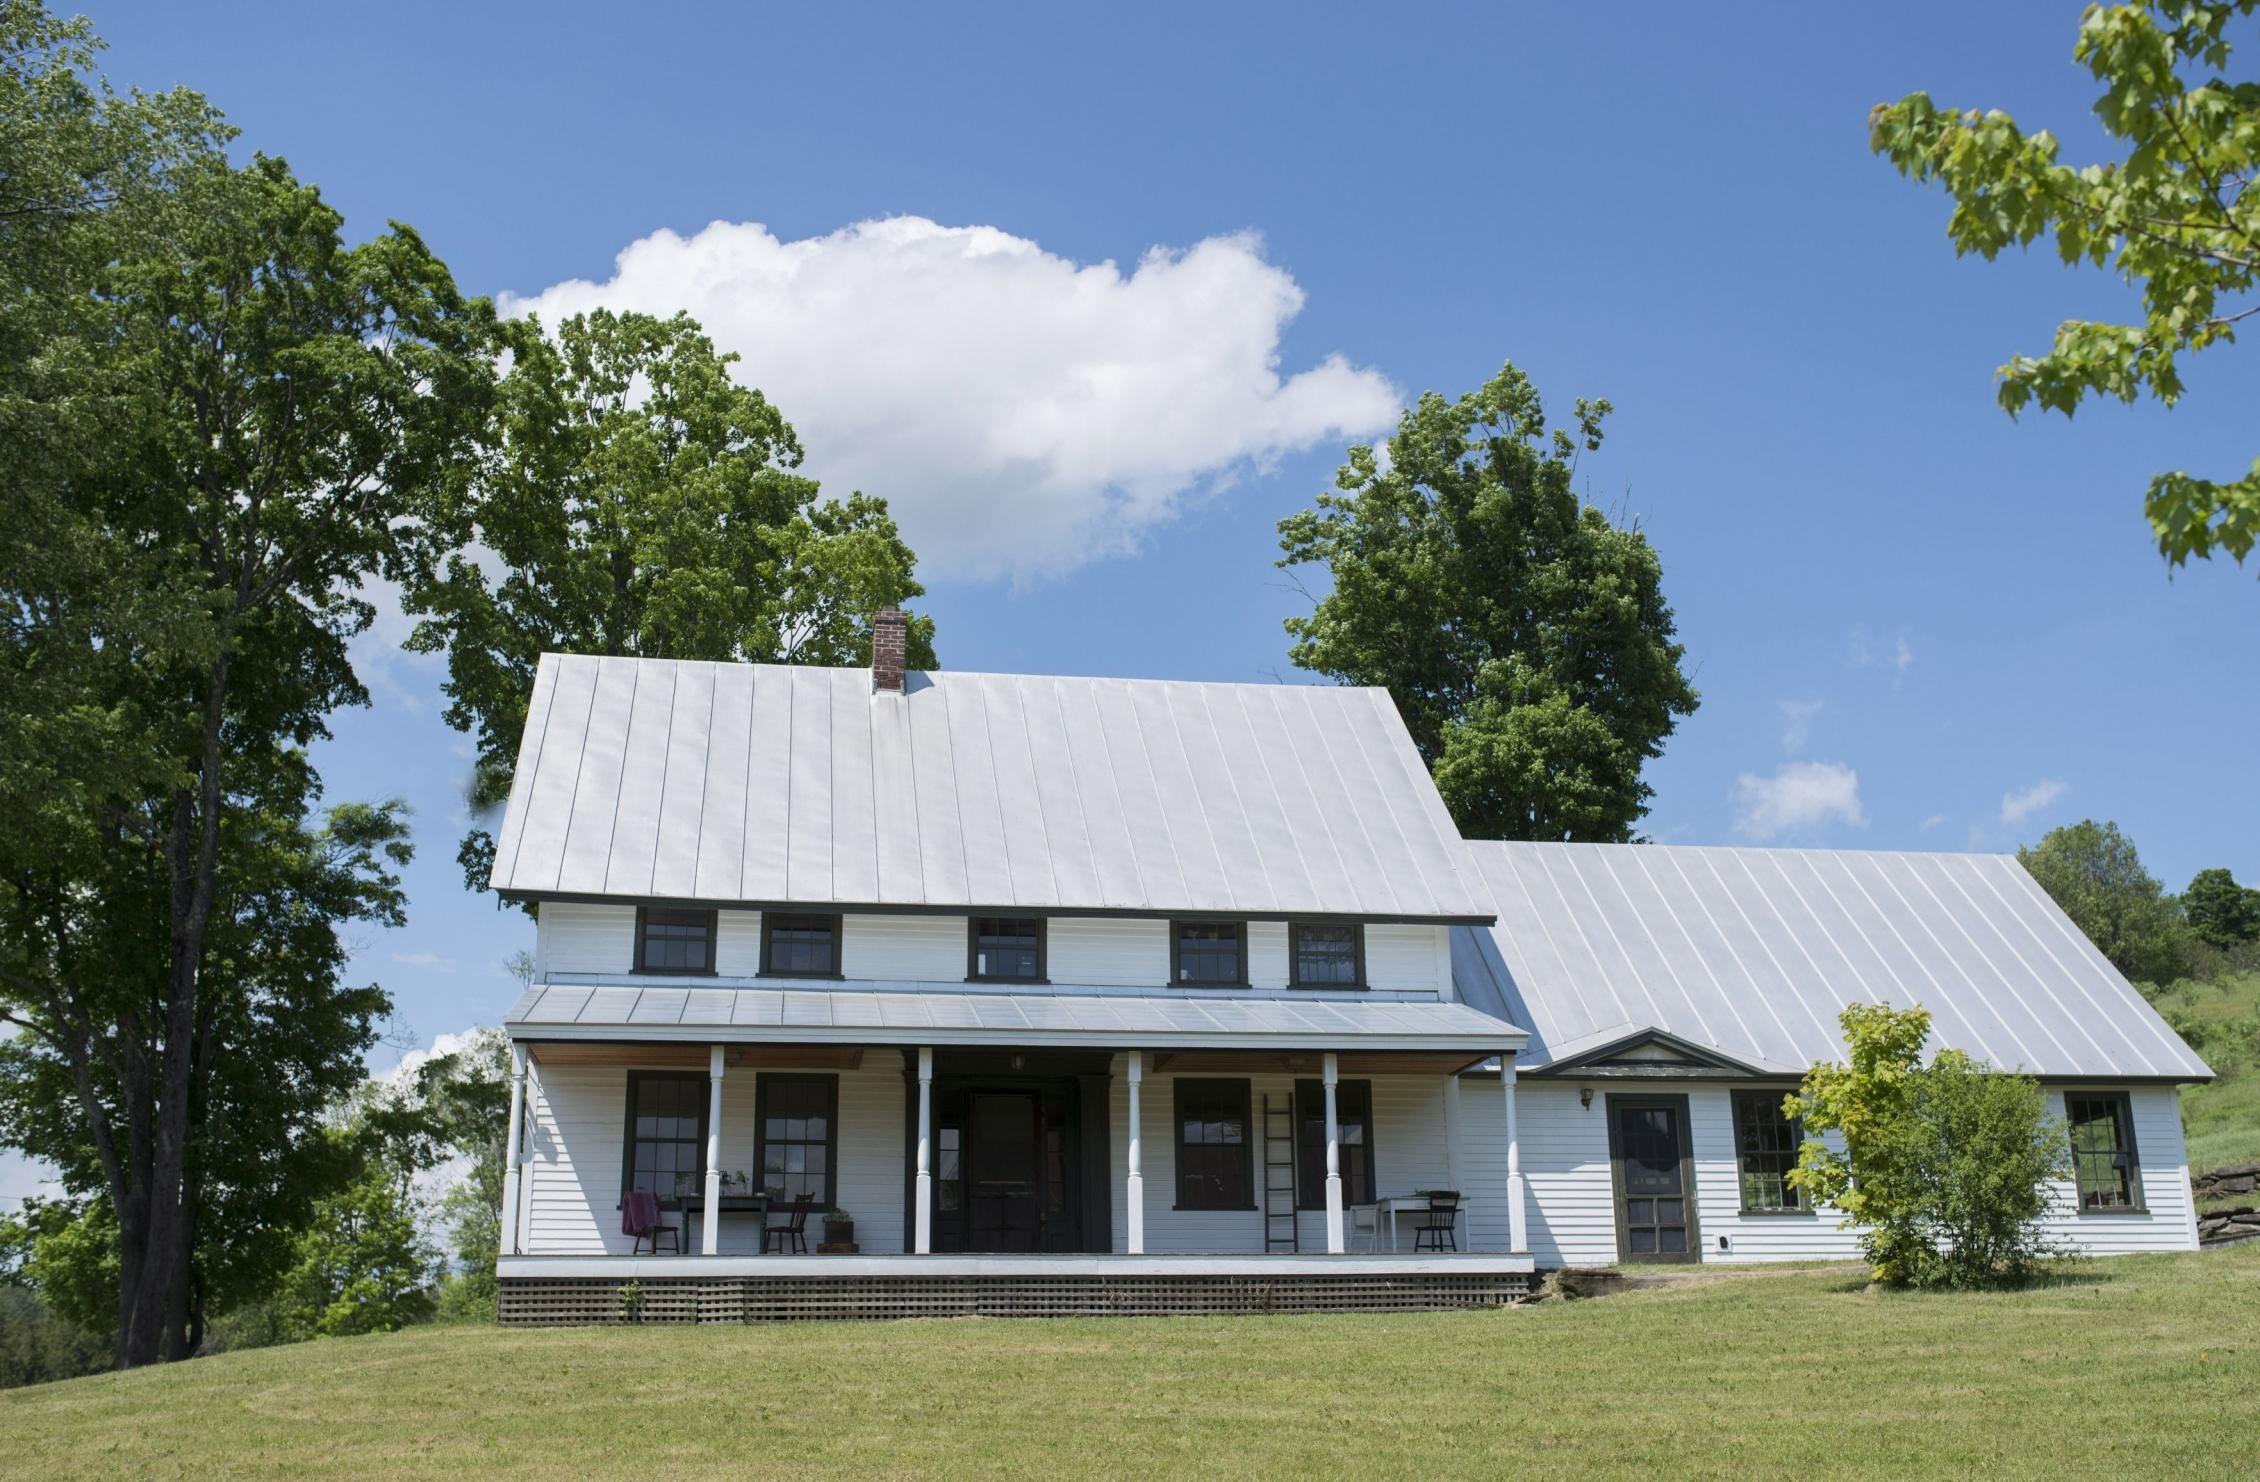 Maison unifamiliale pour l Vente à 1681 Crocker Road, Randolph 1681 Crocker Rd Randolph, Vermont, 05061 États-Unis